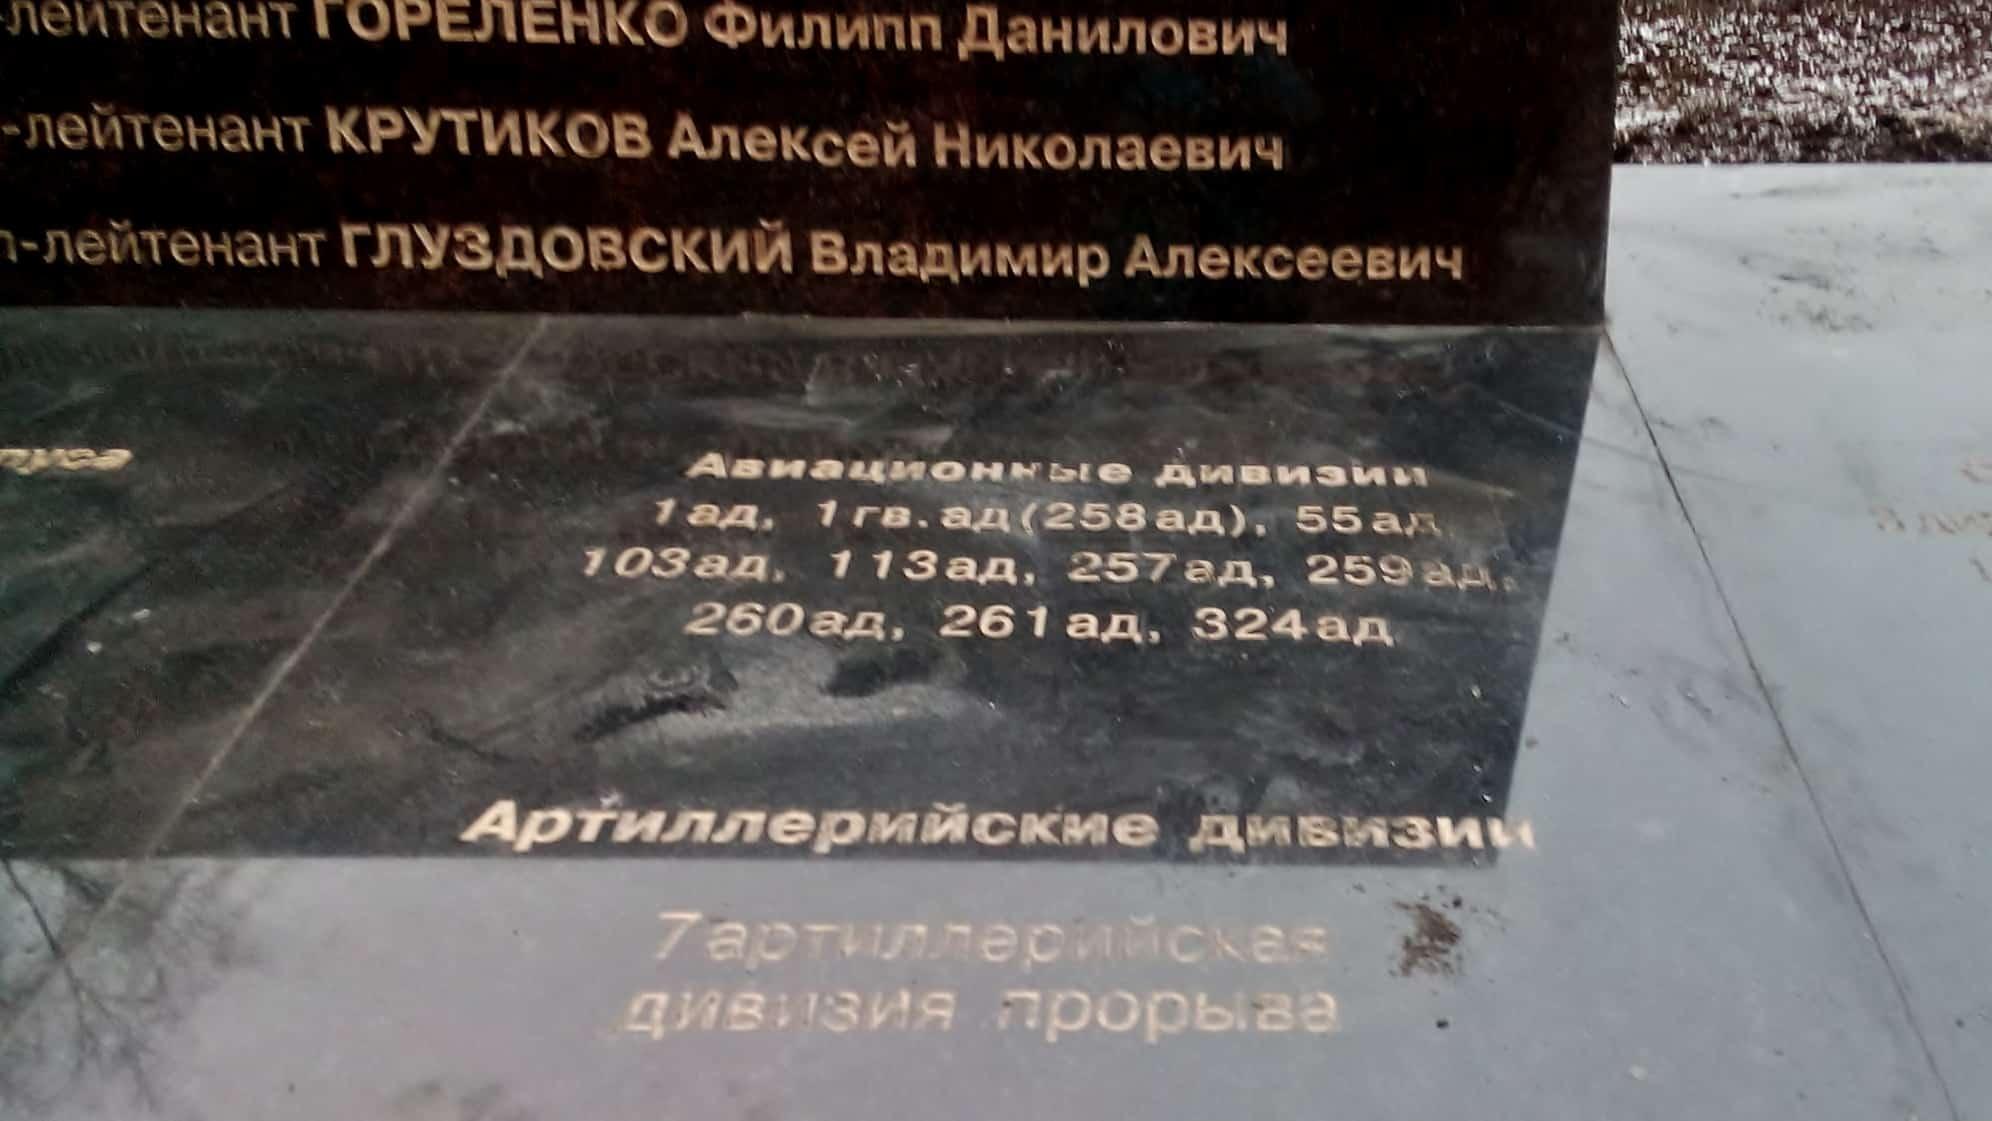 Увидев эту аббревиатуру, автор фото, потерявшая на войне близких, заплакала... фото Т. Смирновой